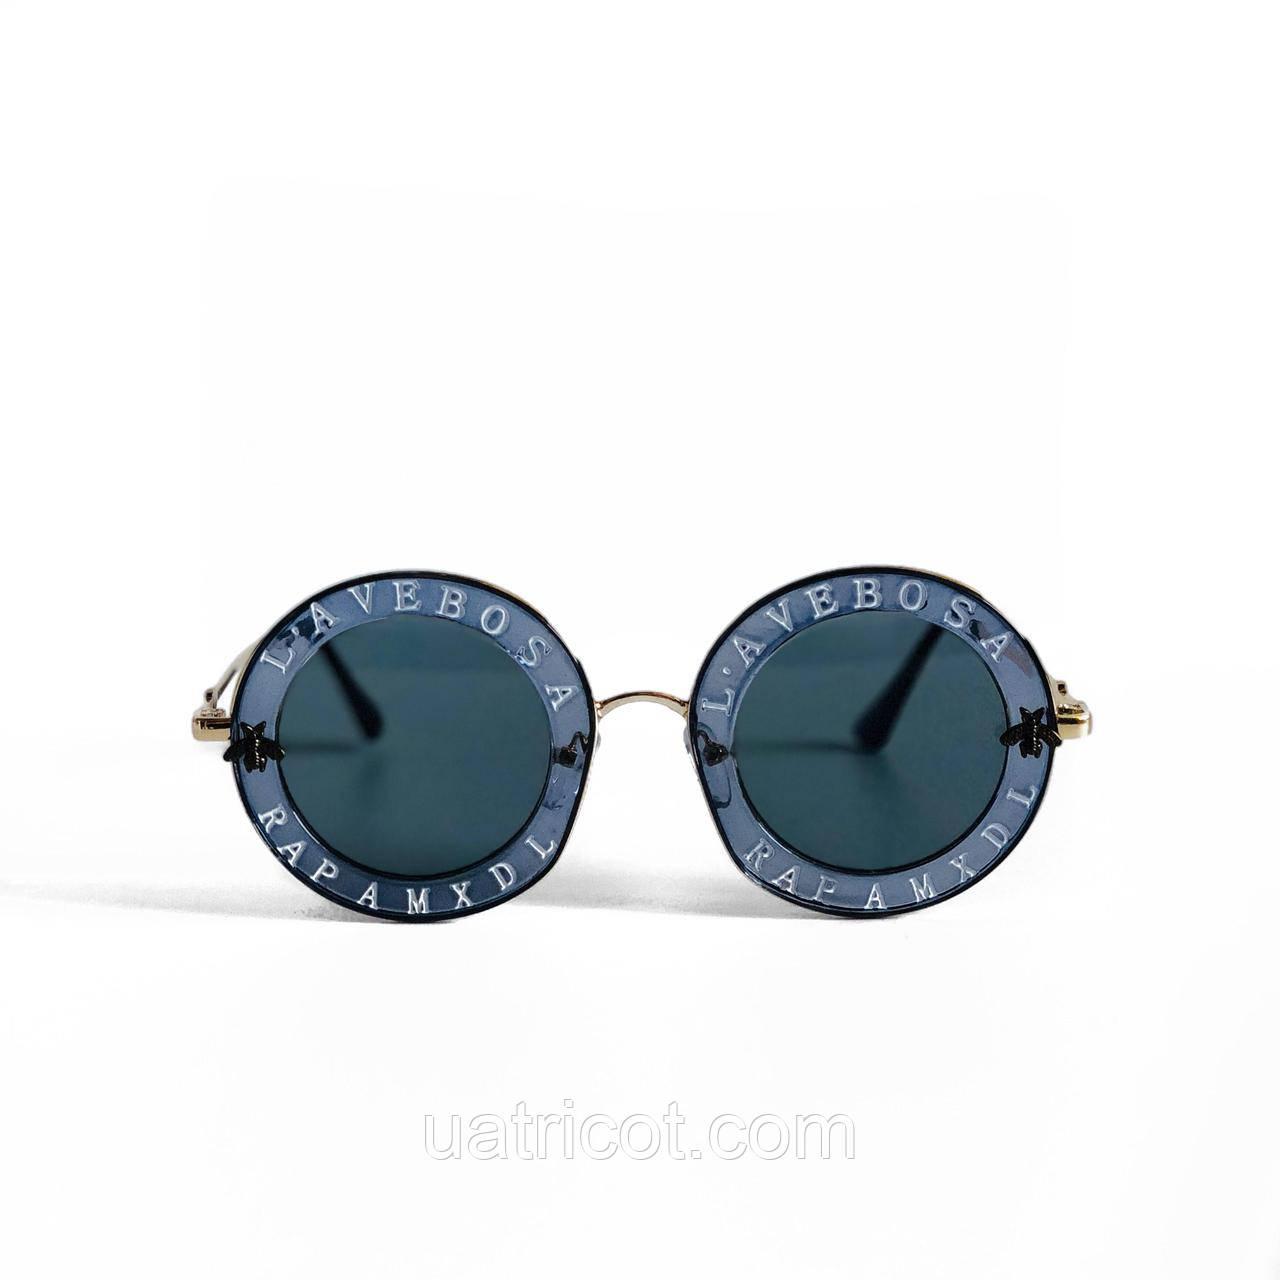 Женские круглые солнцезащитные очки в синей оправе с надписями